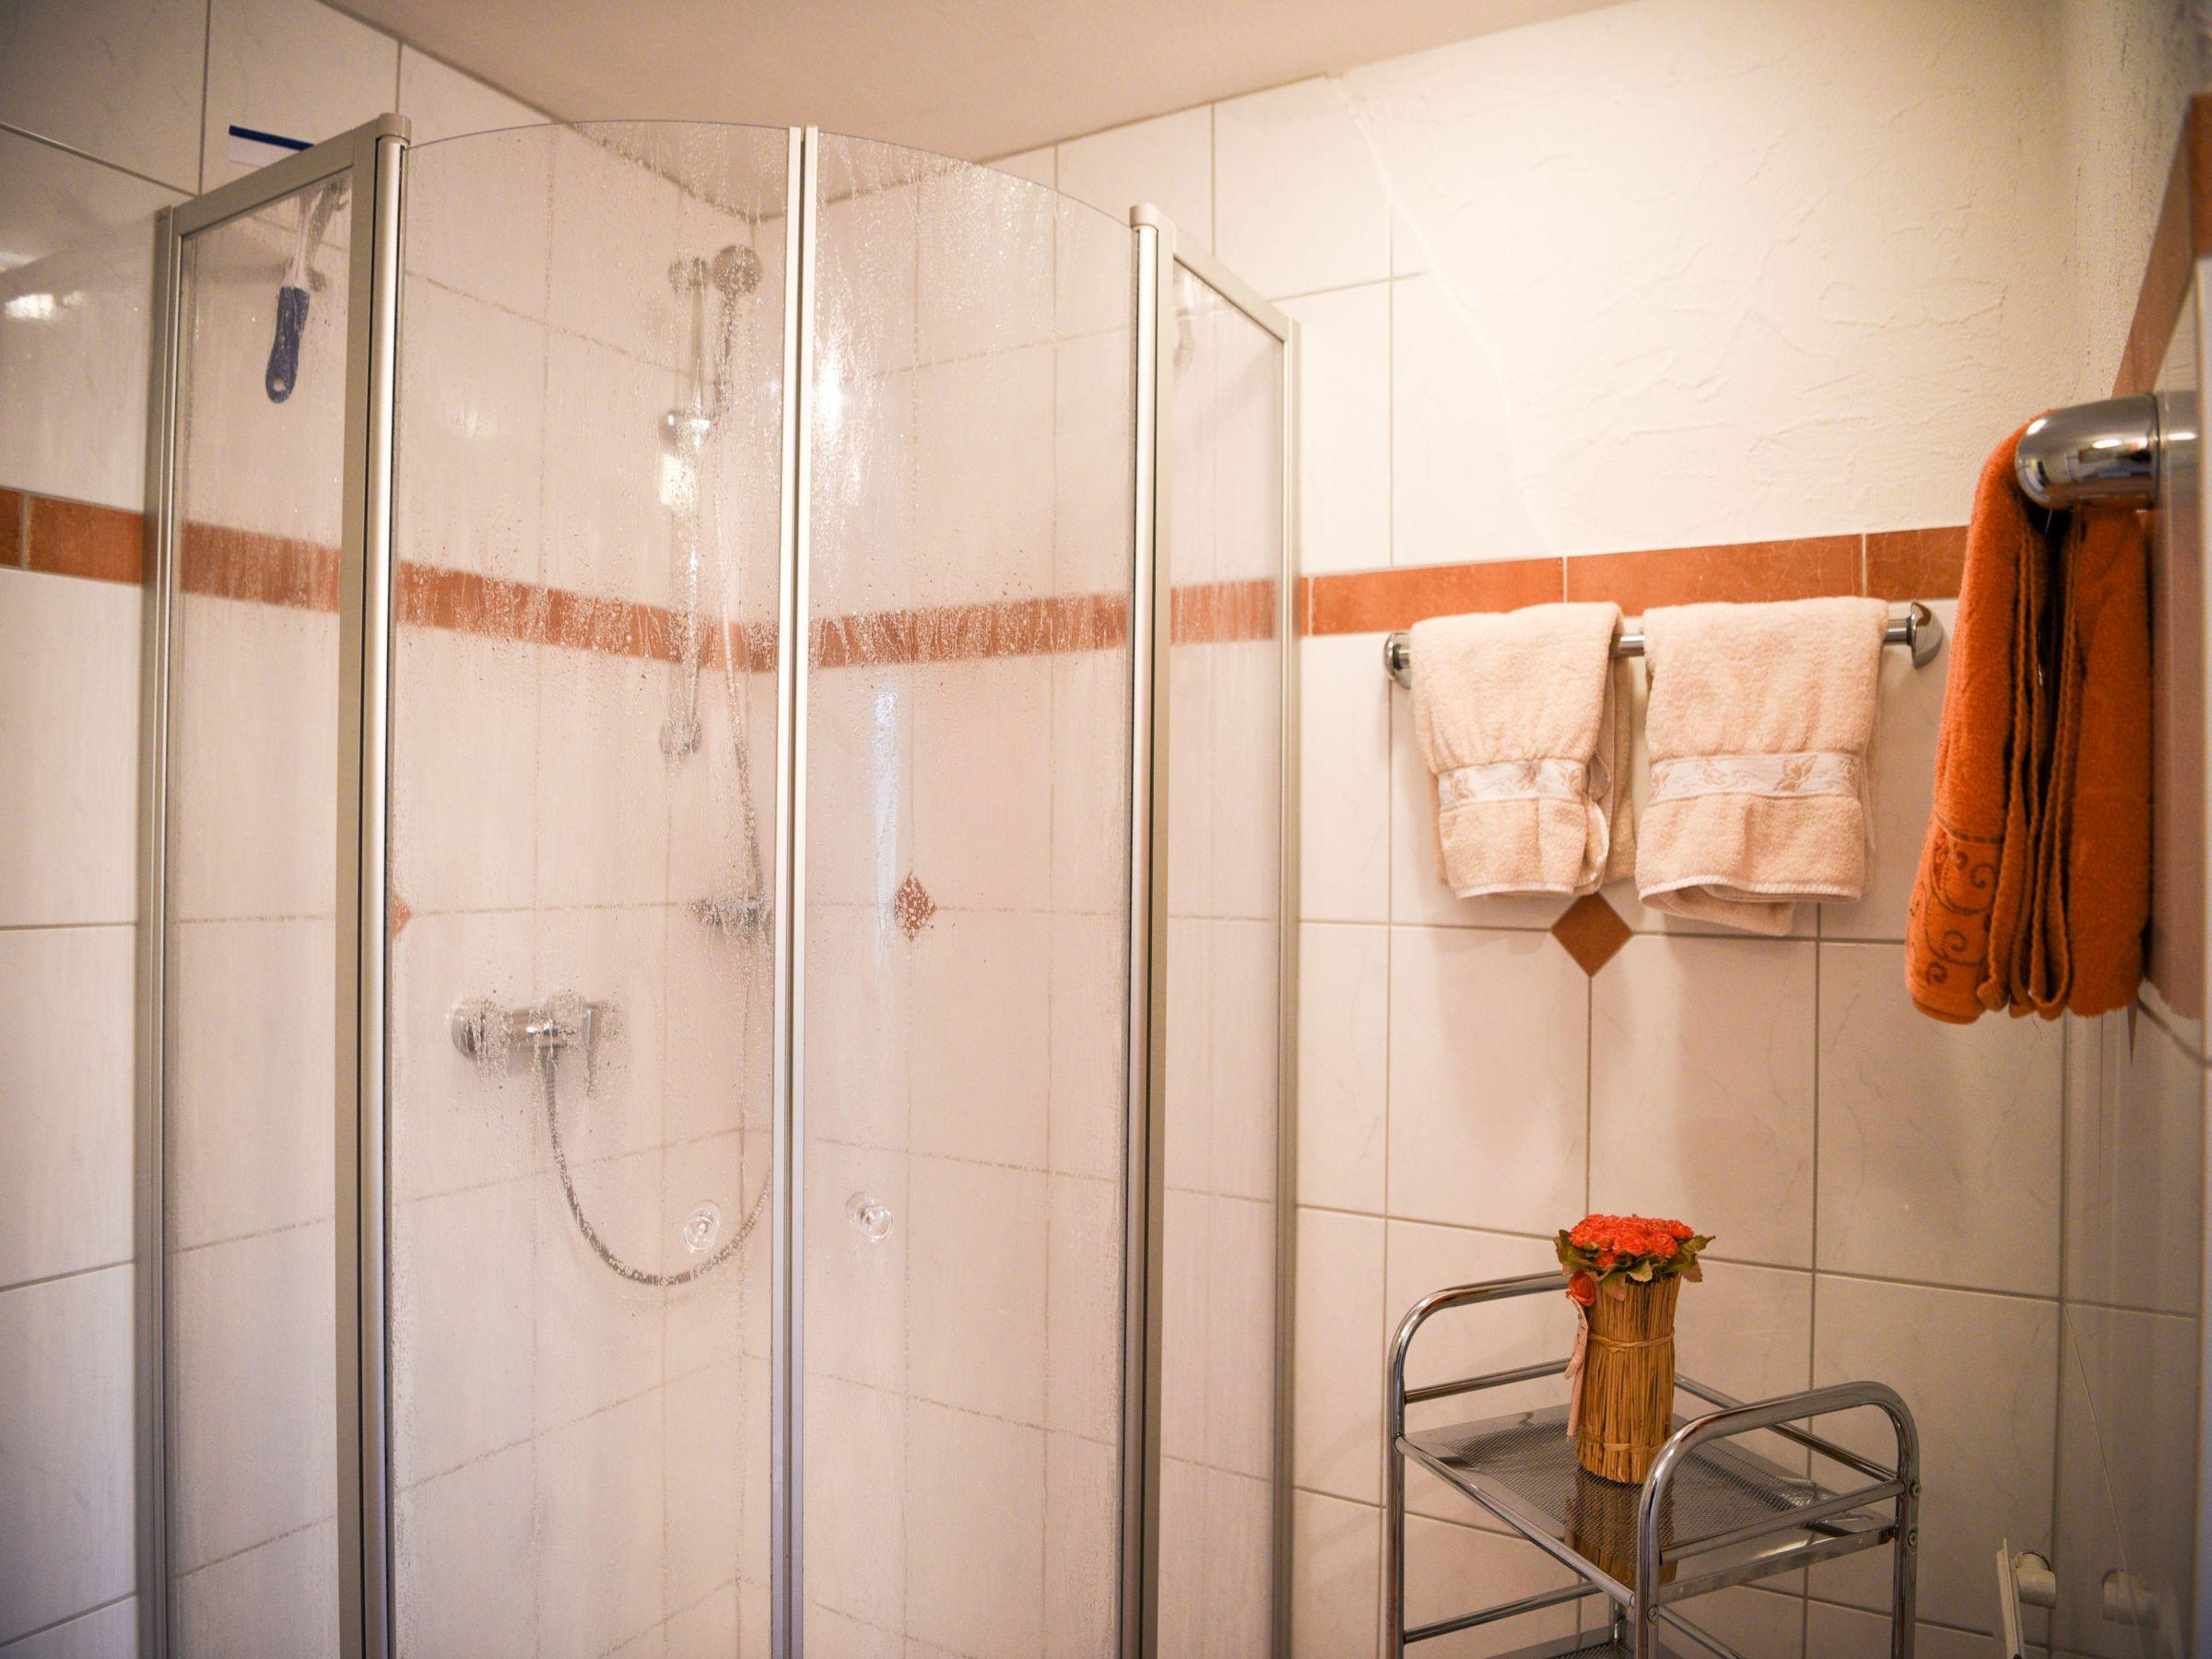 haus luise, (lenzkirch). fereinwohnung, 65 qm, 2 schlafzimmer, max, Badezimmer ideen